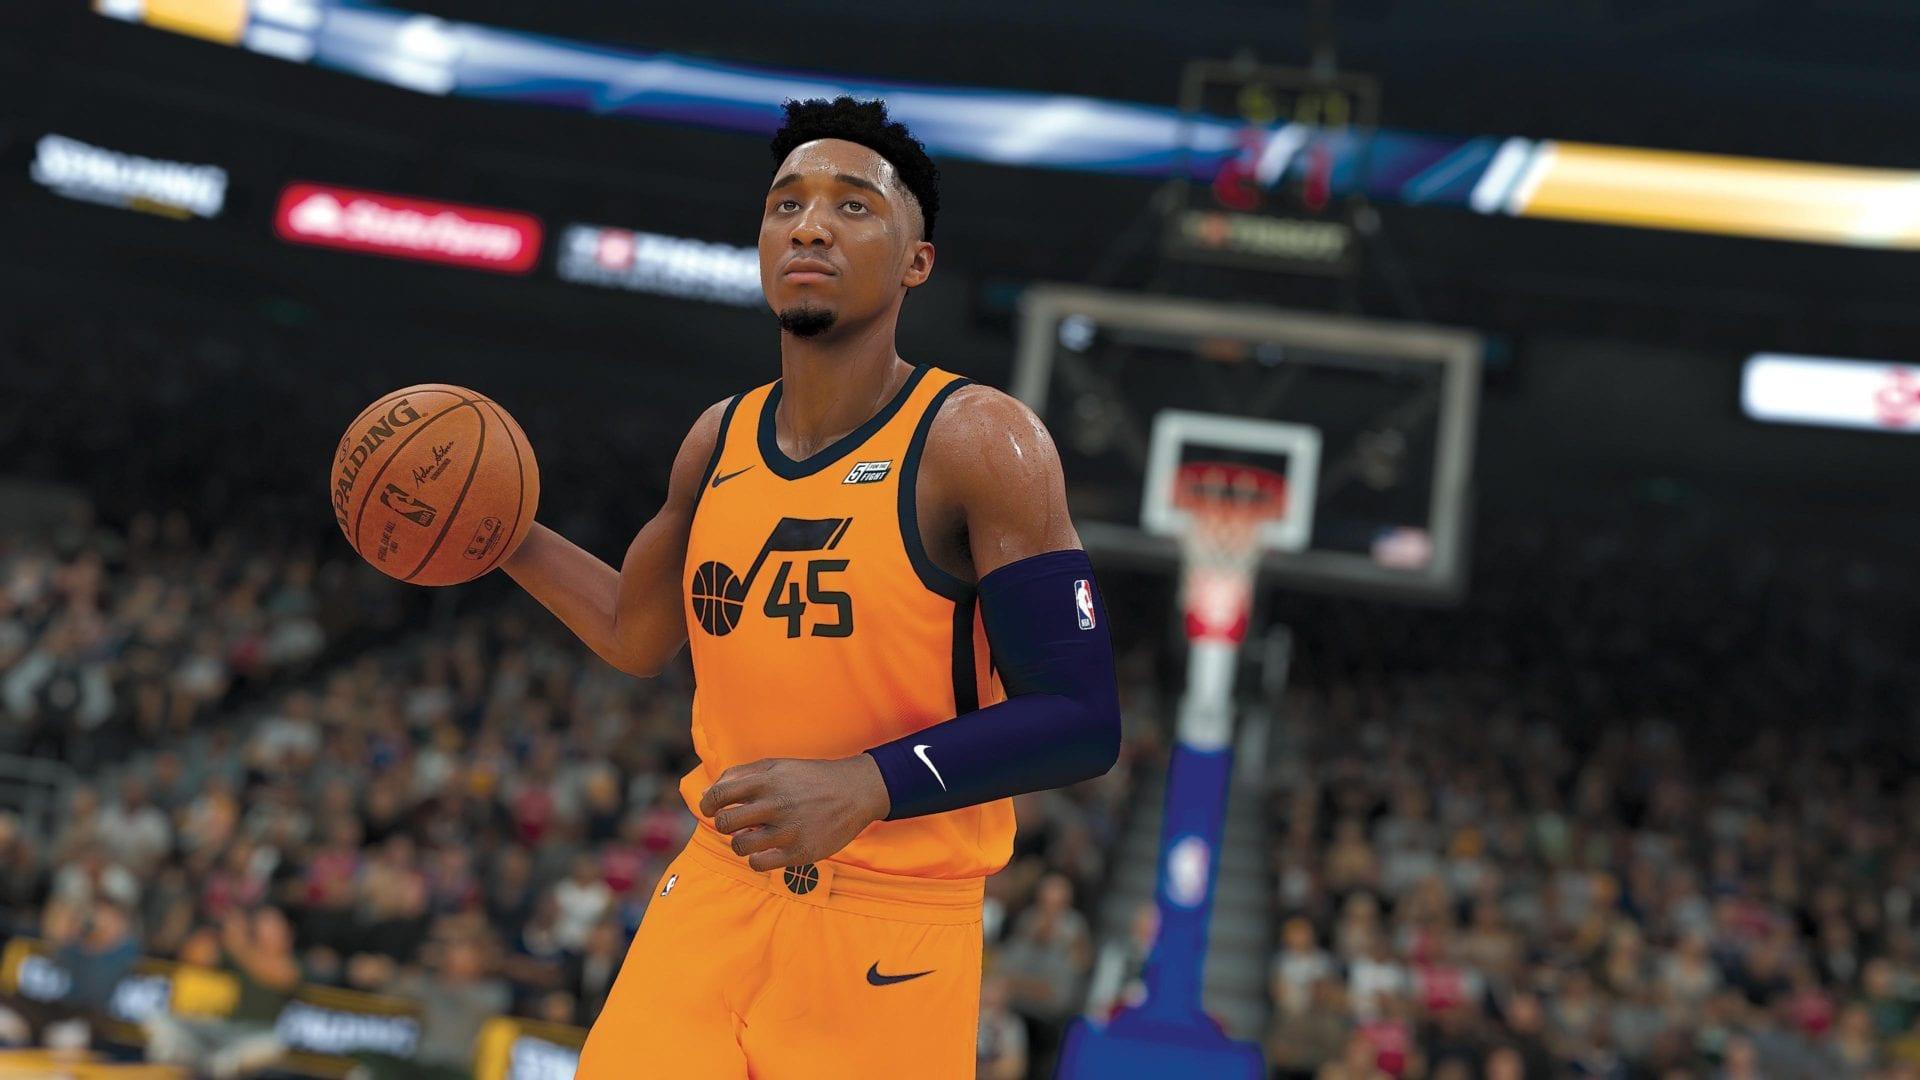 NBA将于7月31日复赛 使用《NBA 2K》音效模拟观众噪音